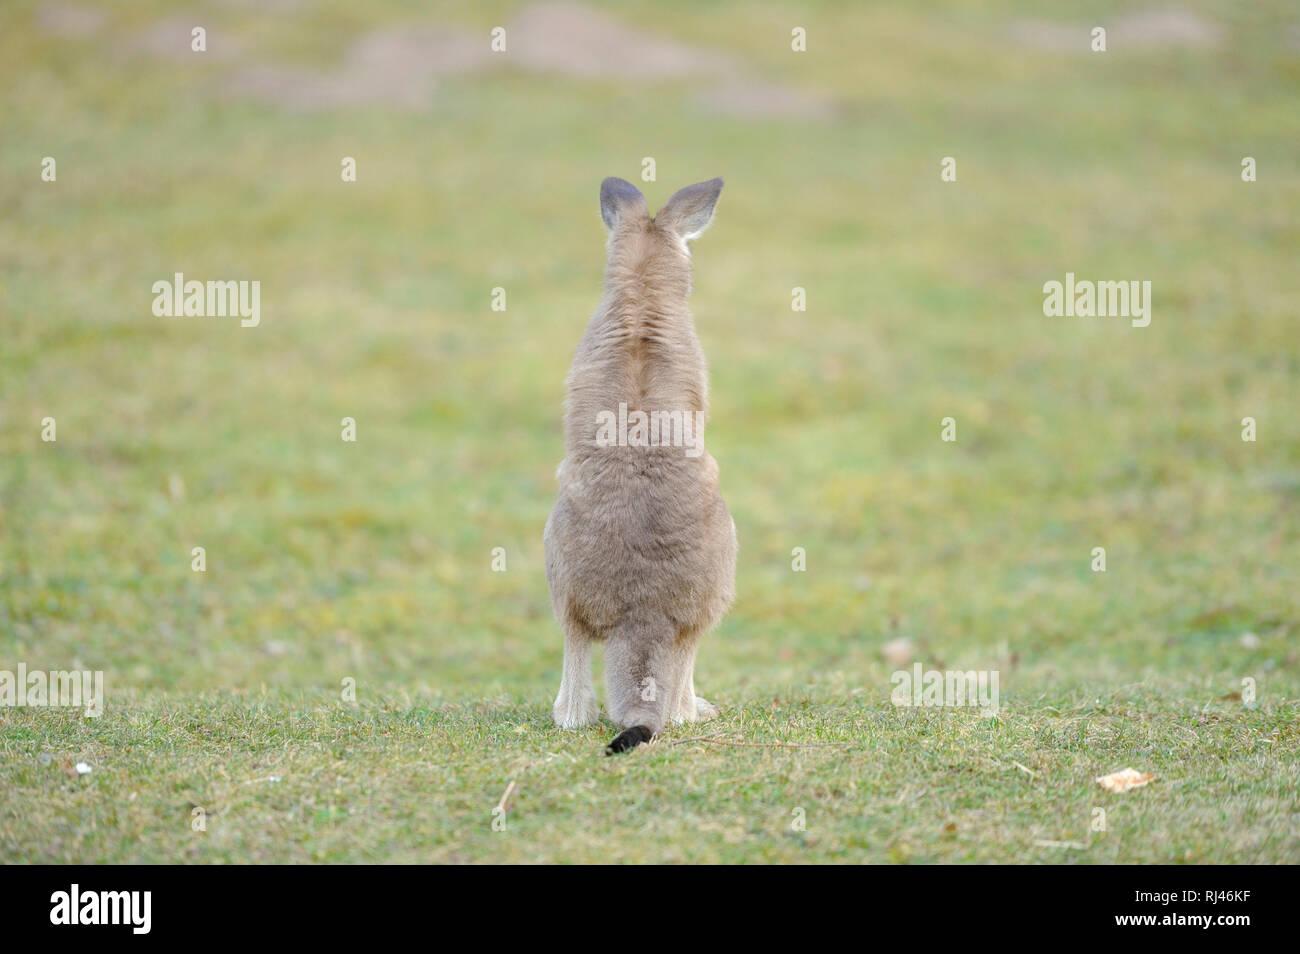 ?stliches Graues Riesenk?nguru, Macropus giganteus, Jungtier, Wiese, sitzen, R?ckansicht - Stock Image